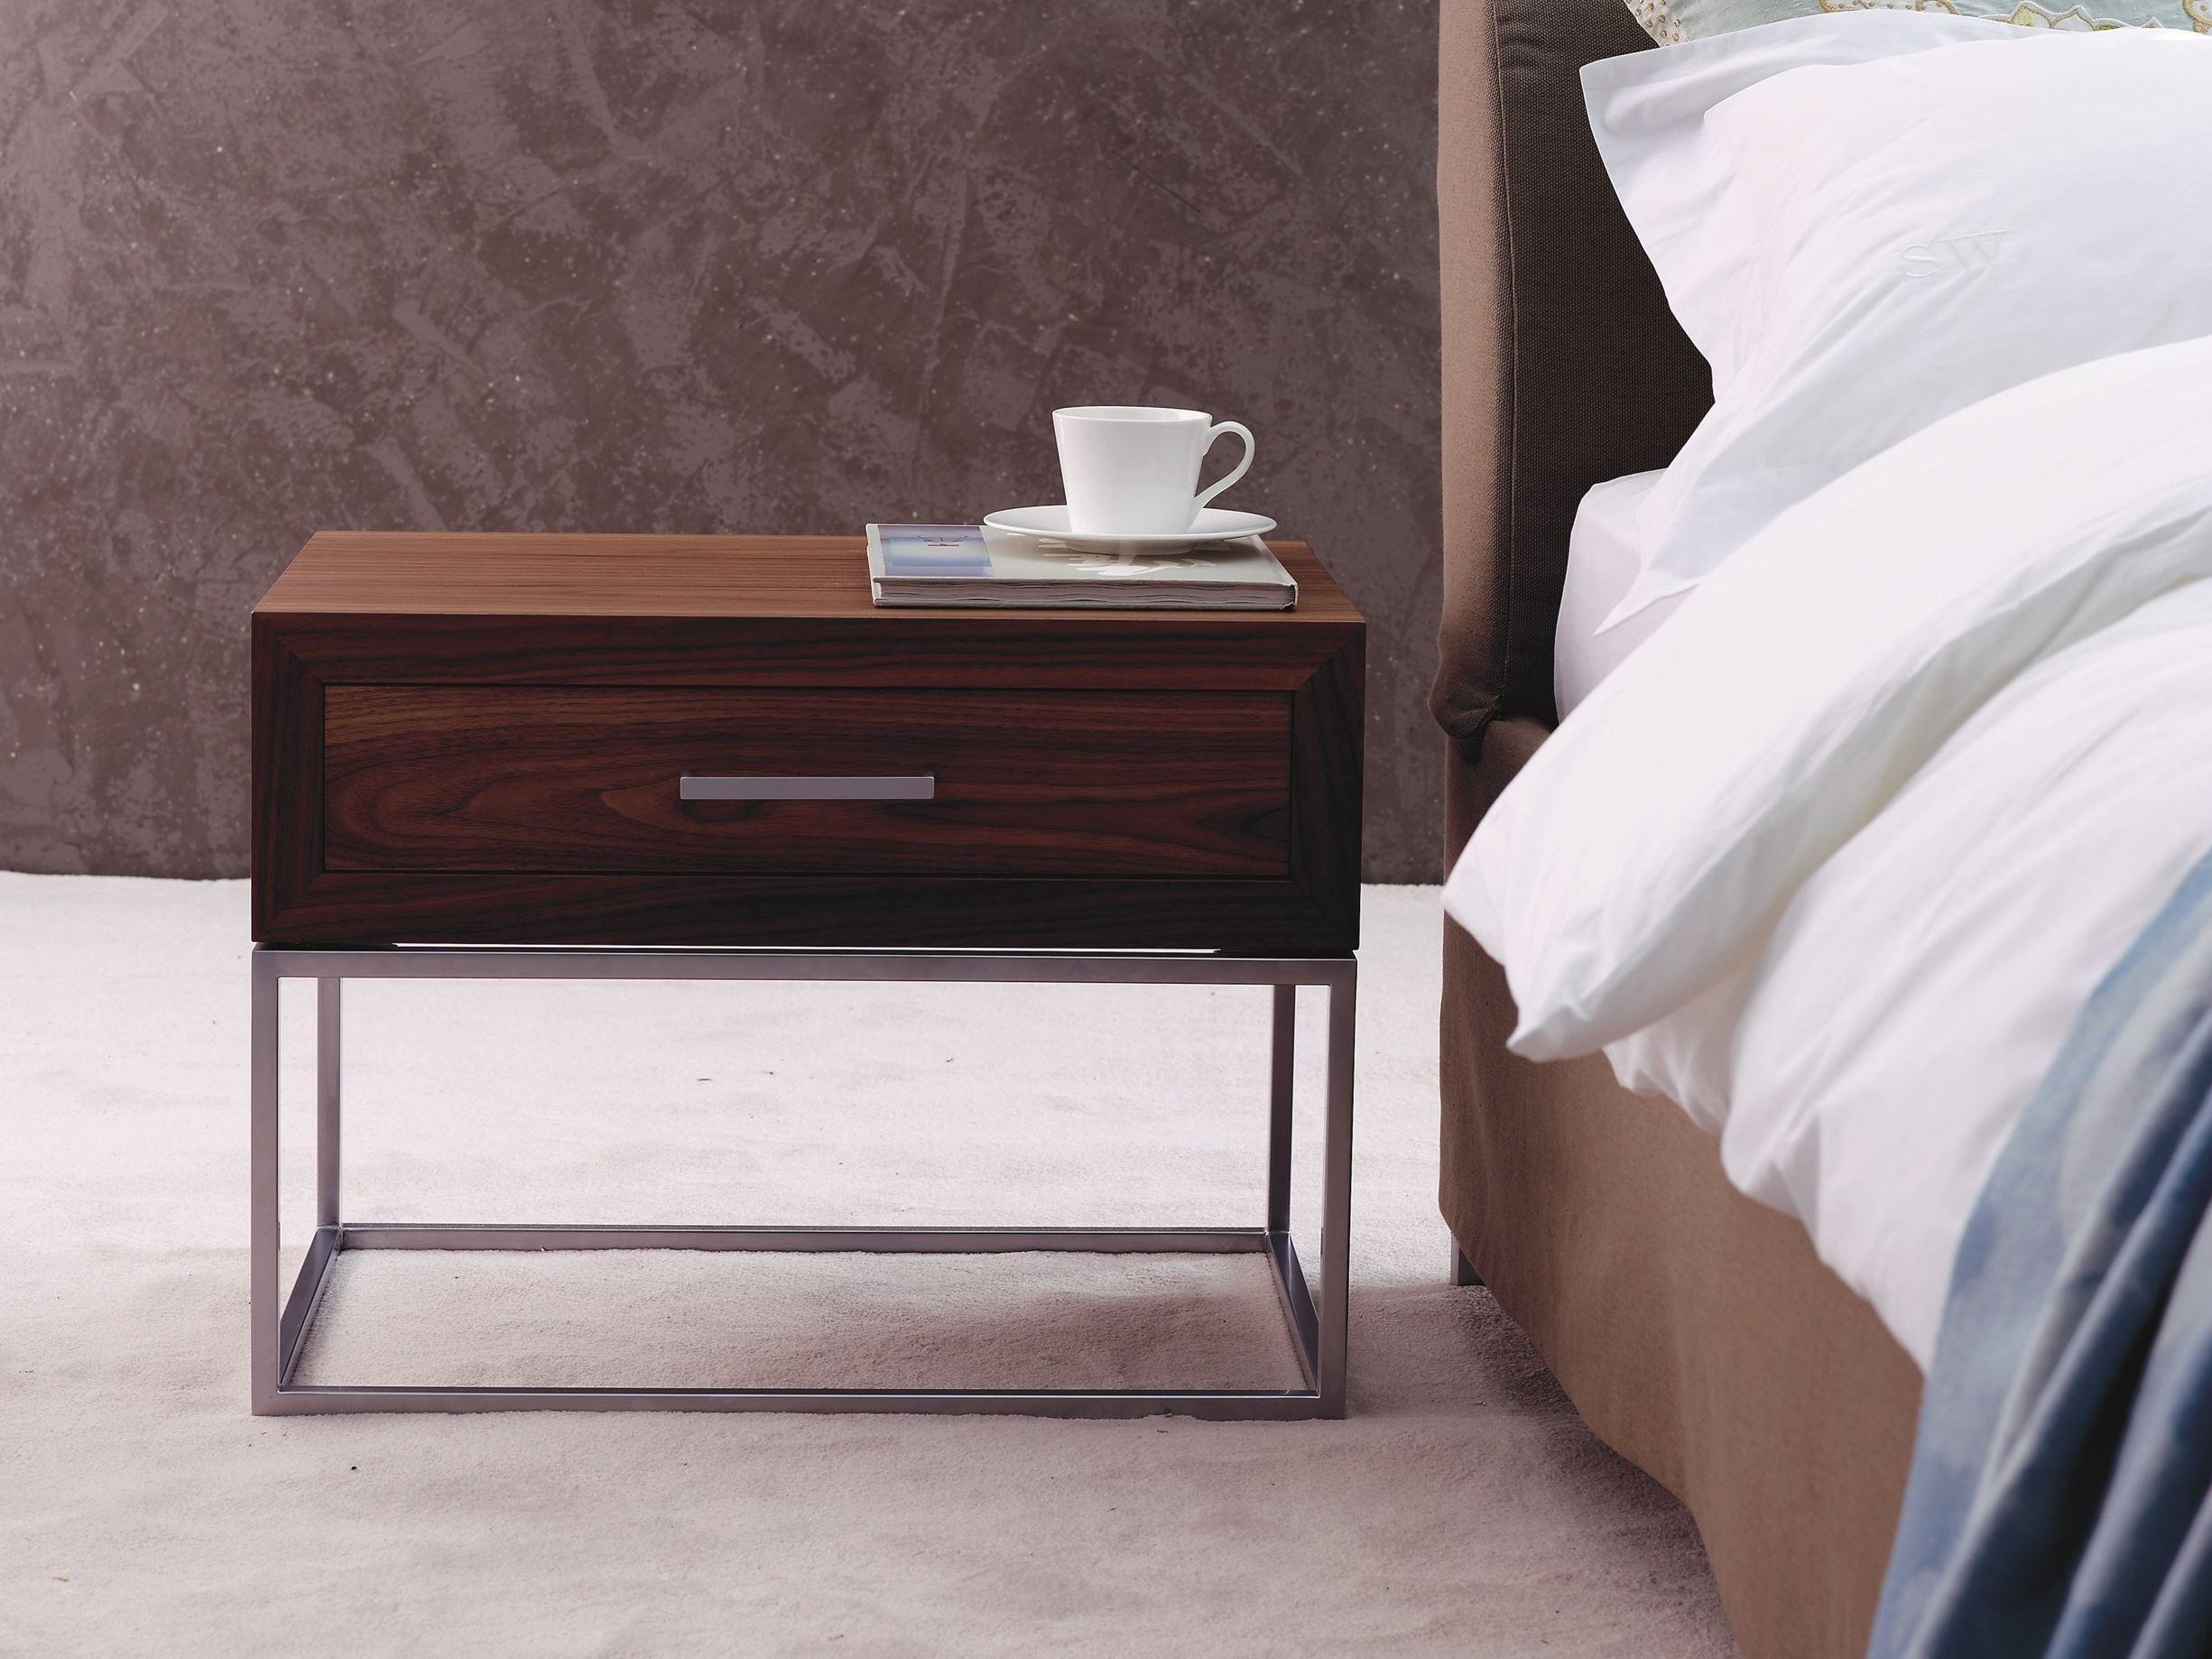 Schramm Werkstätten lacquered bedside table with drawers bt 30 1 by schramm werkstätten